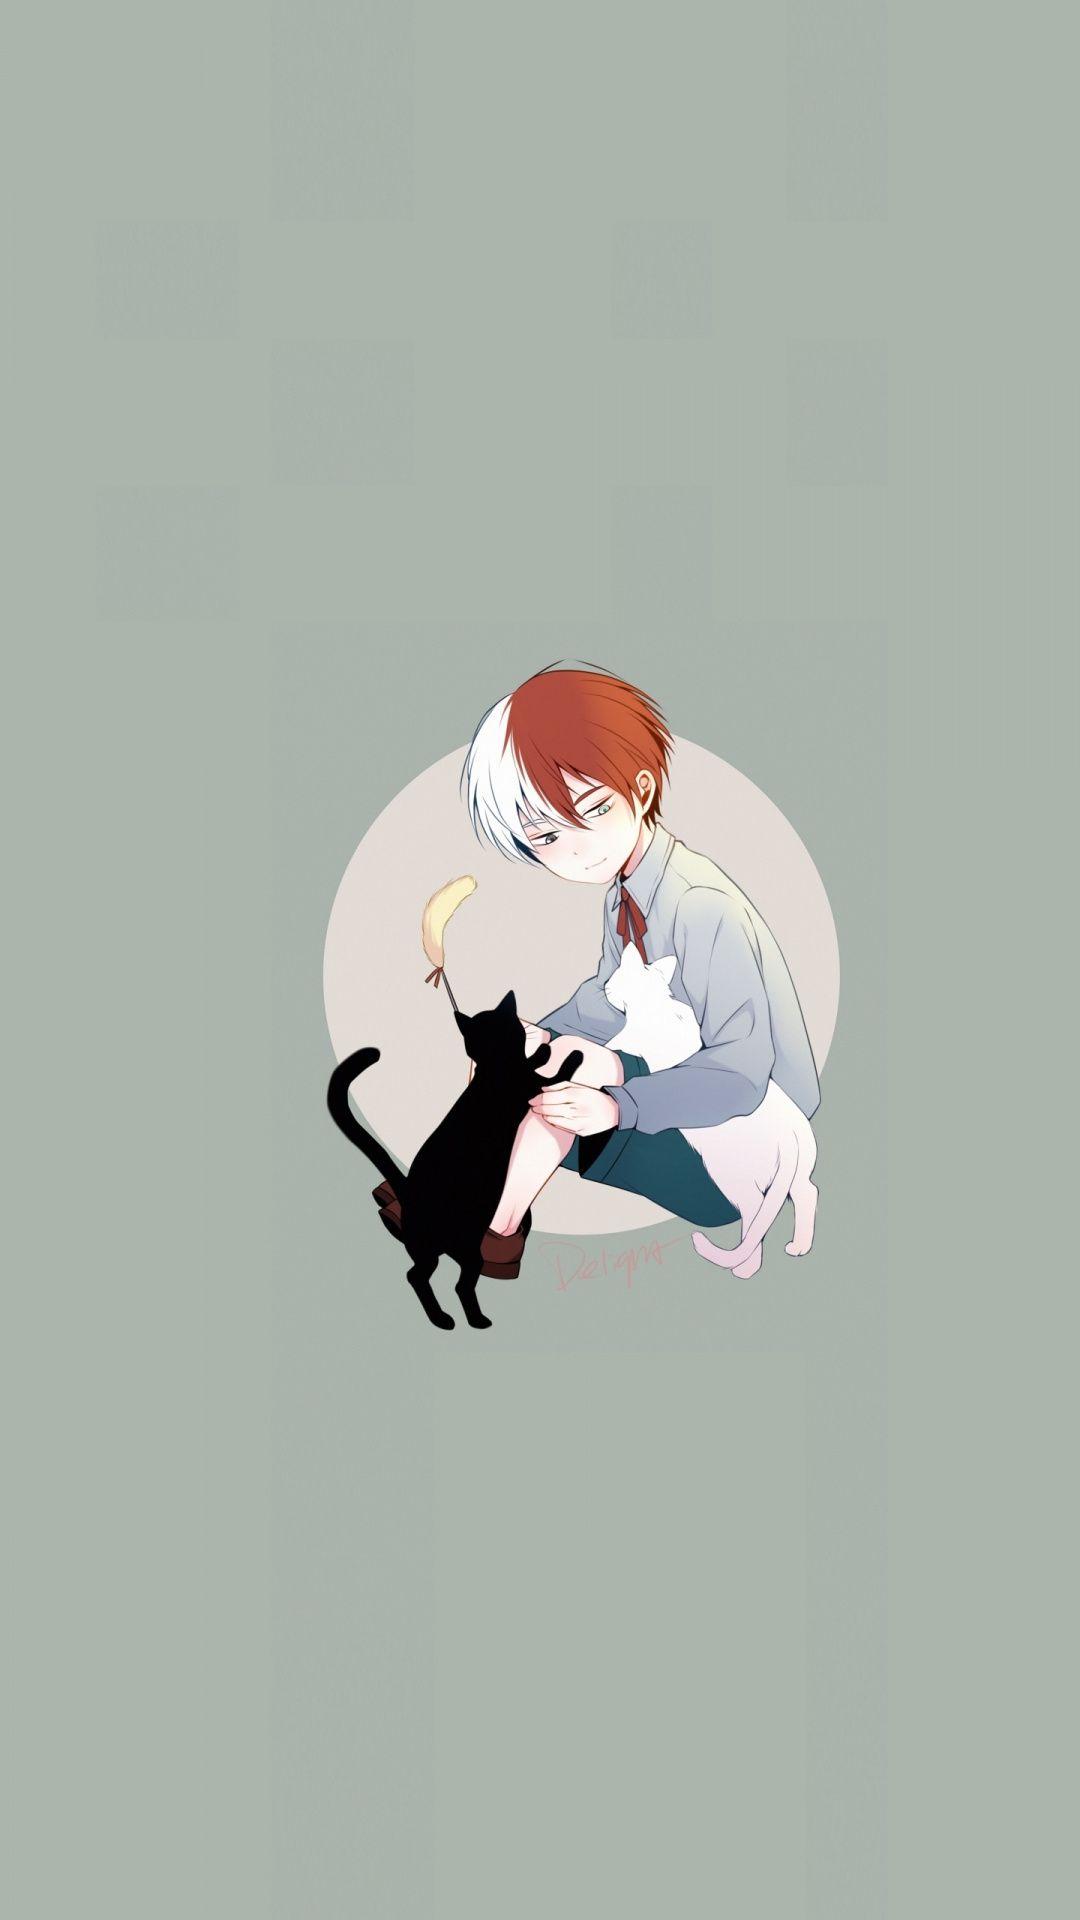 Cute Kid Shouto Todoroki And Kittens Art Wallpaper Anime Wallpaper Iphone Hero Wallpaper Cute Wallpapers